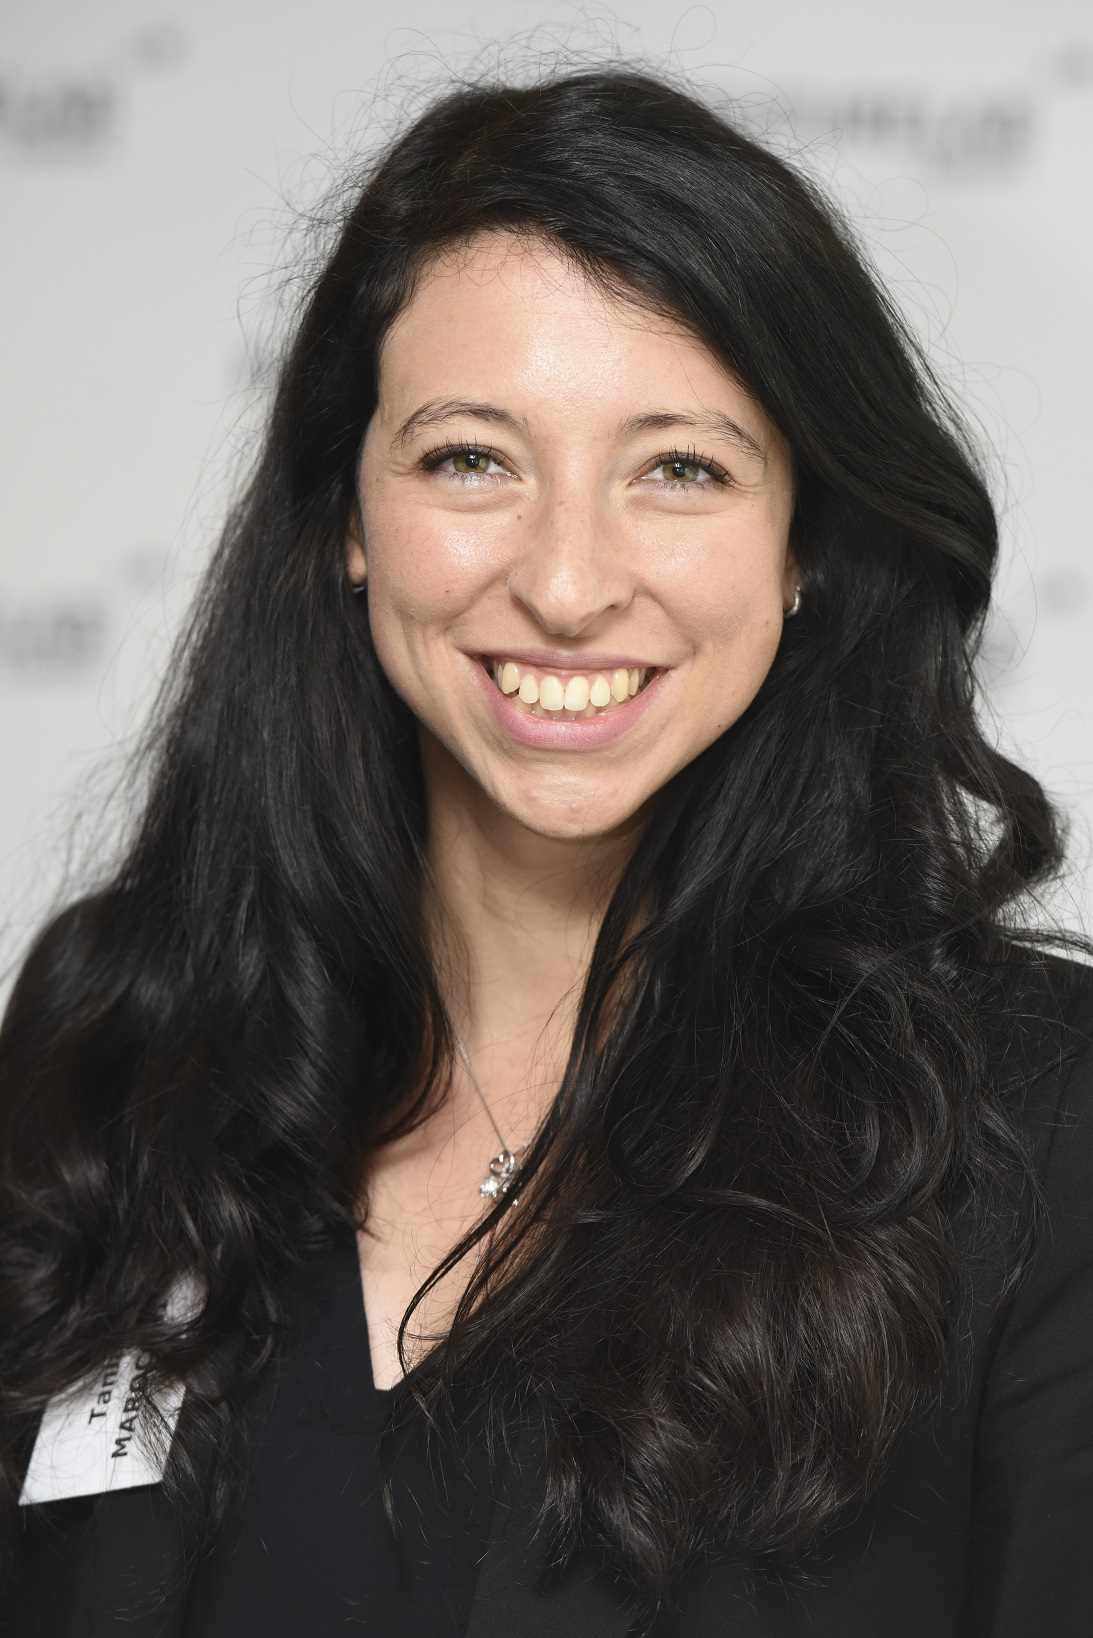 Tania Marocchi